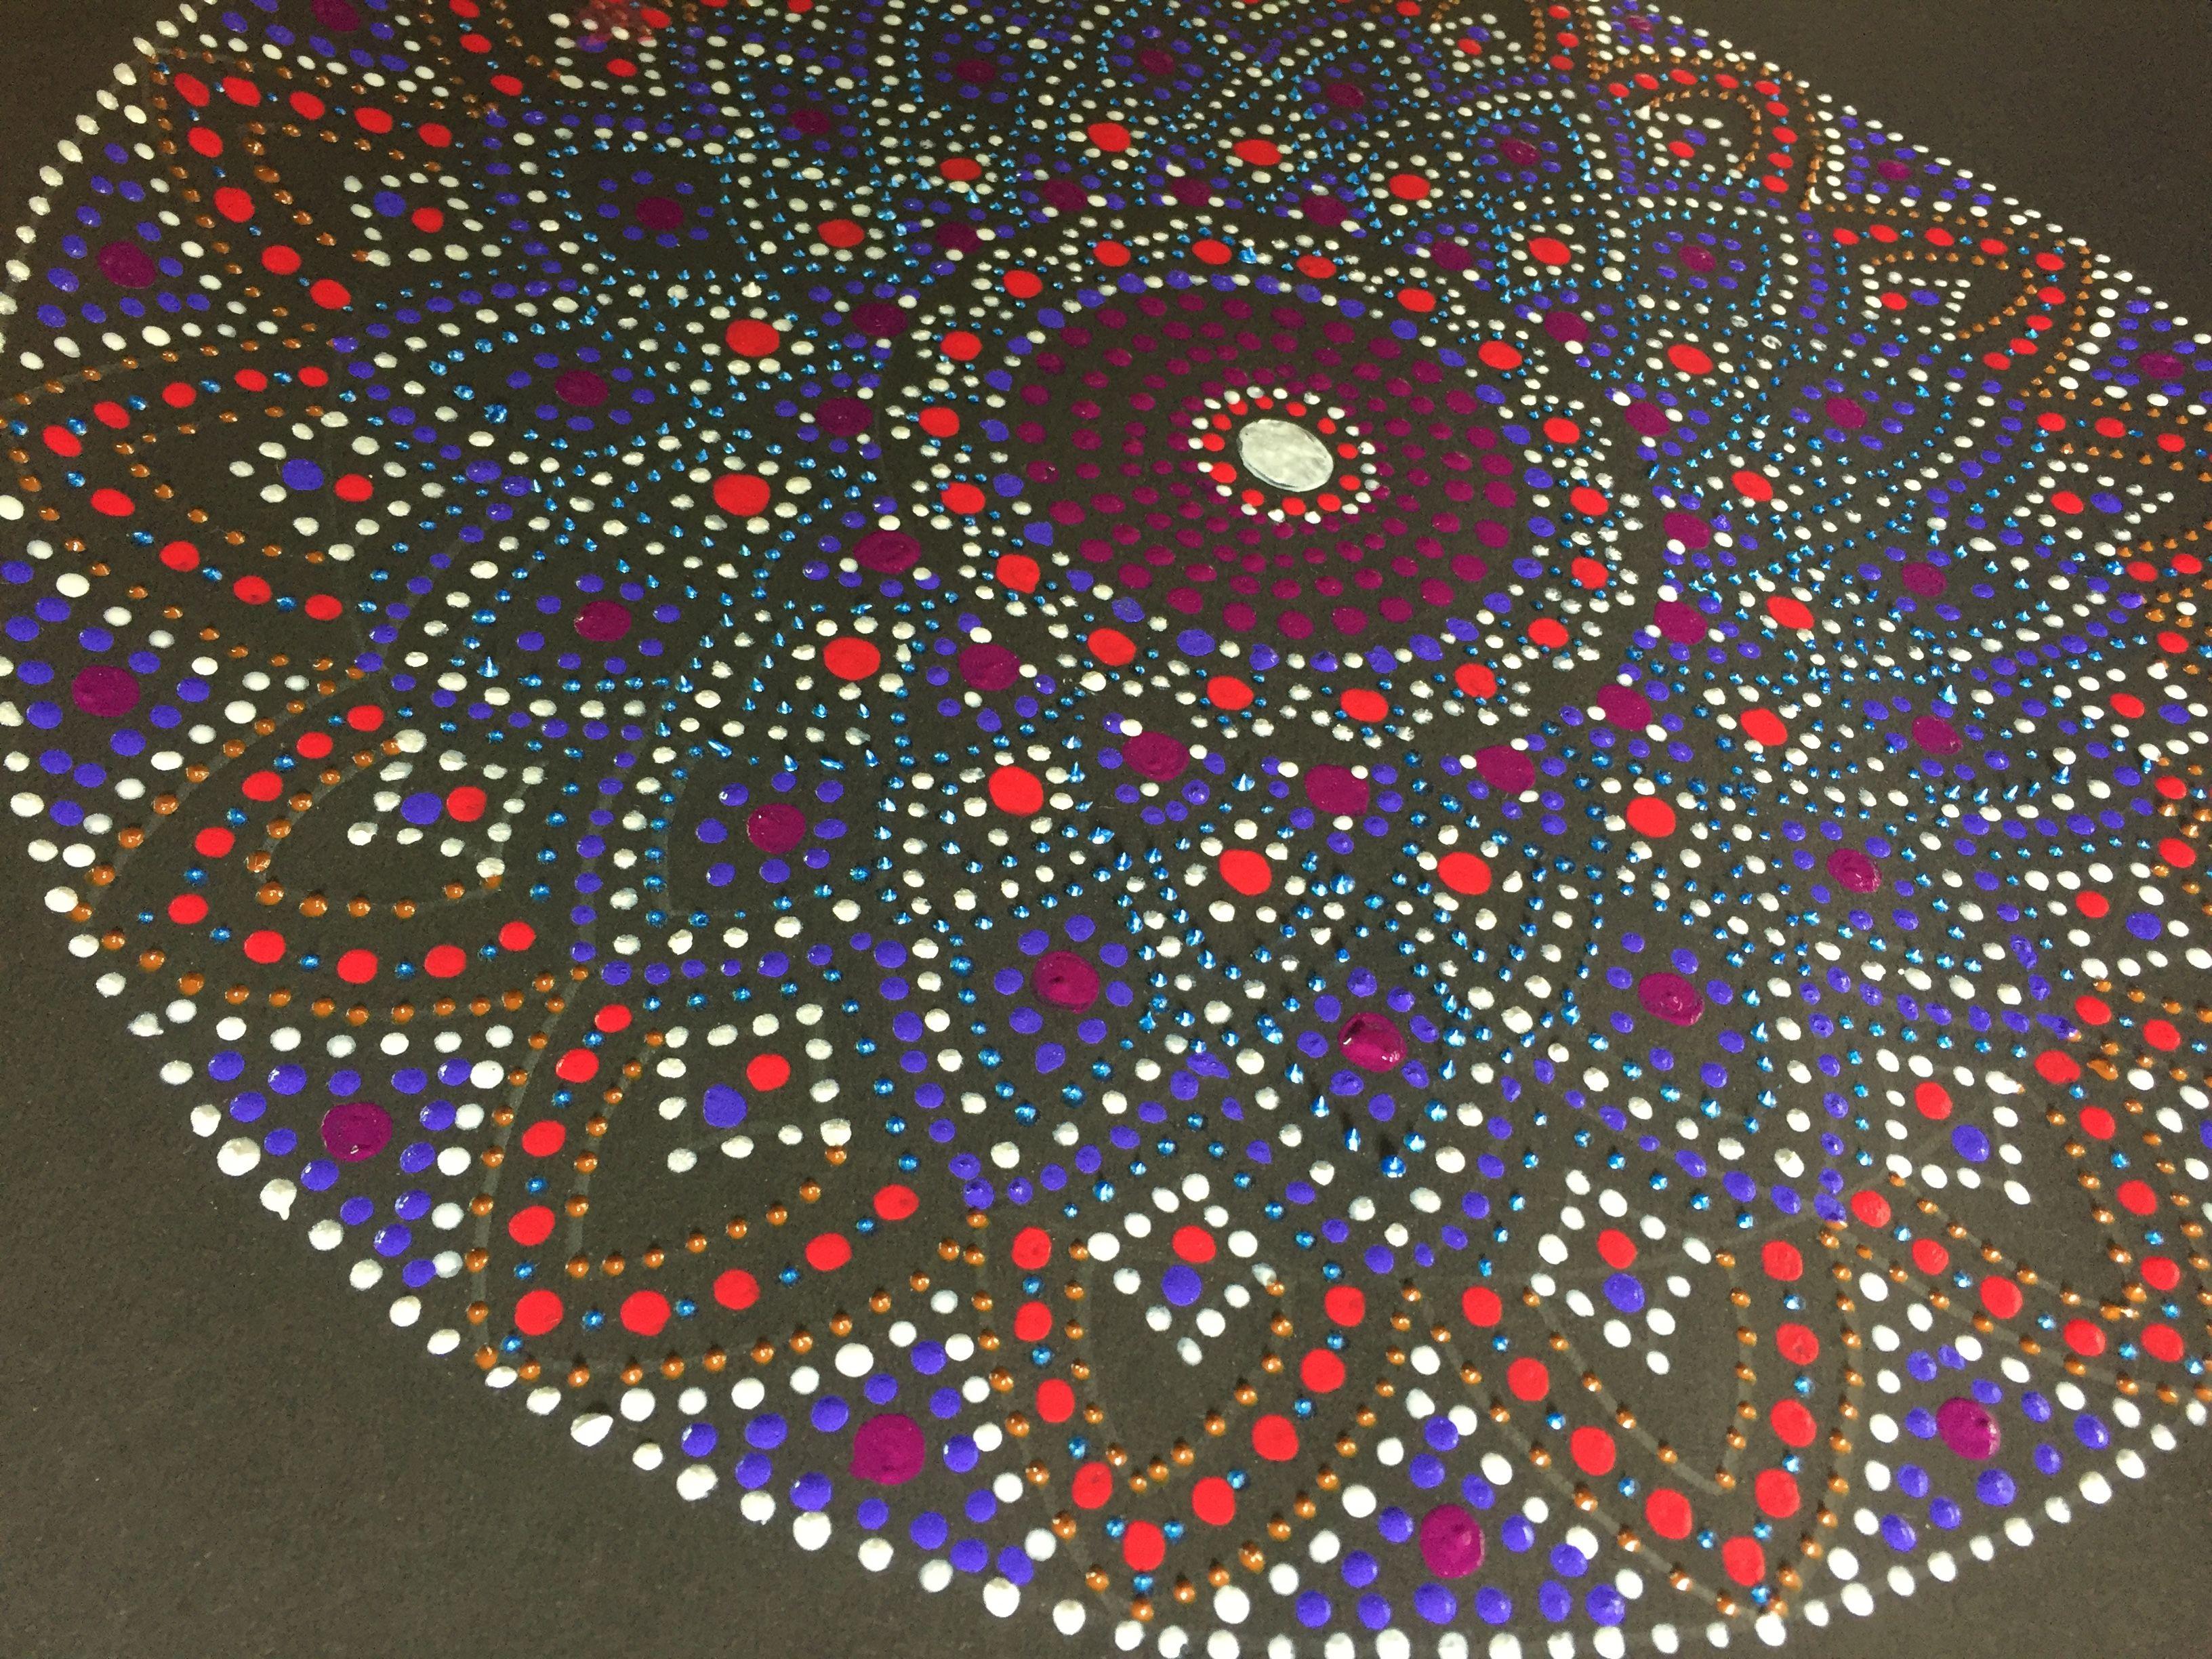 Mandala with acrylic colors - Kiraan